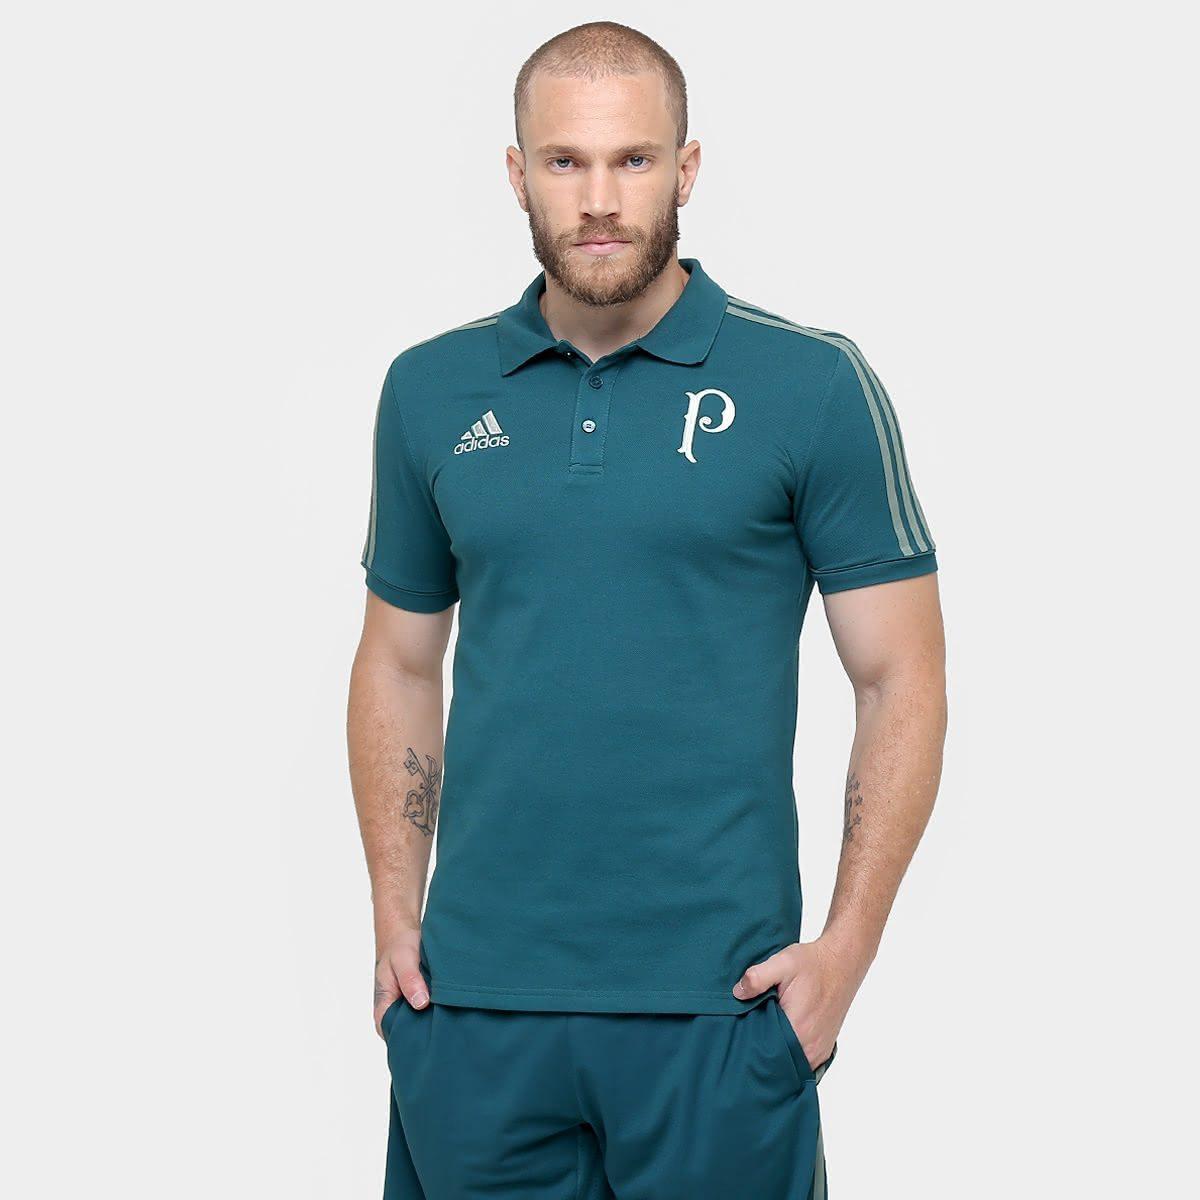 Nova camisa do Palmeiras  Lançamento 2017   2018  NOVIDADE  bdc50237ea5e9